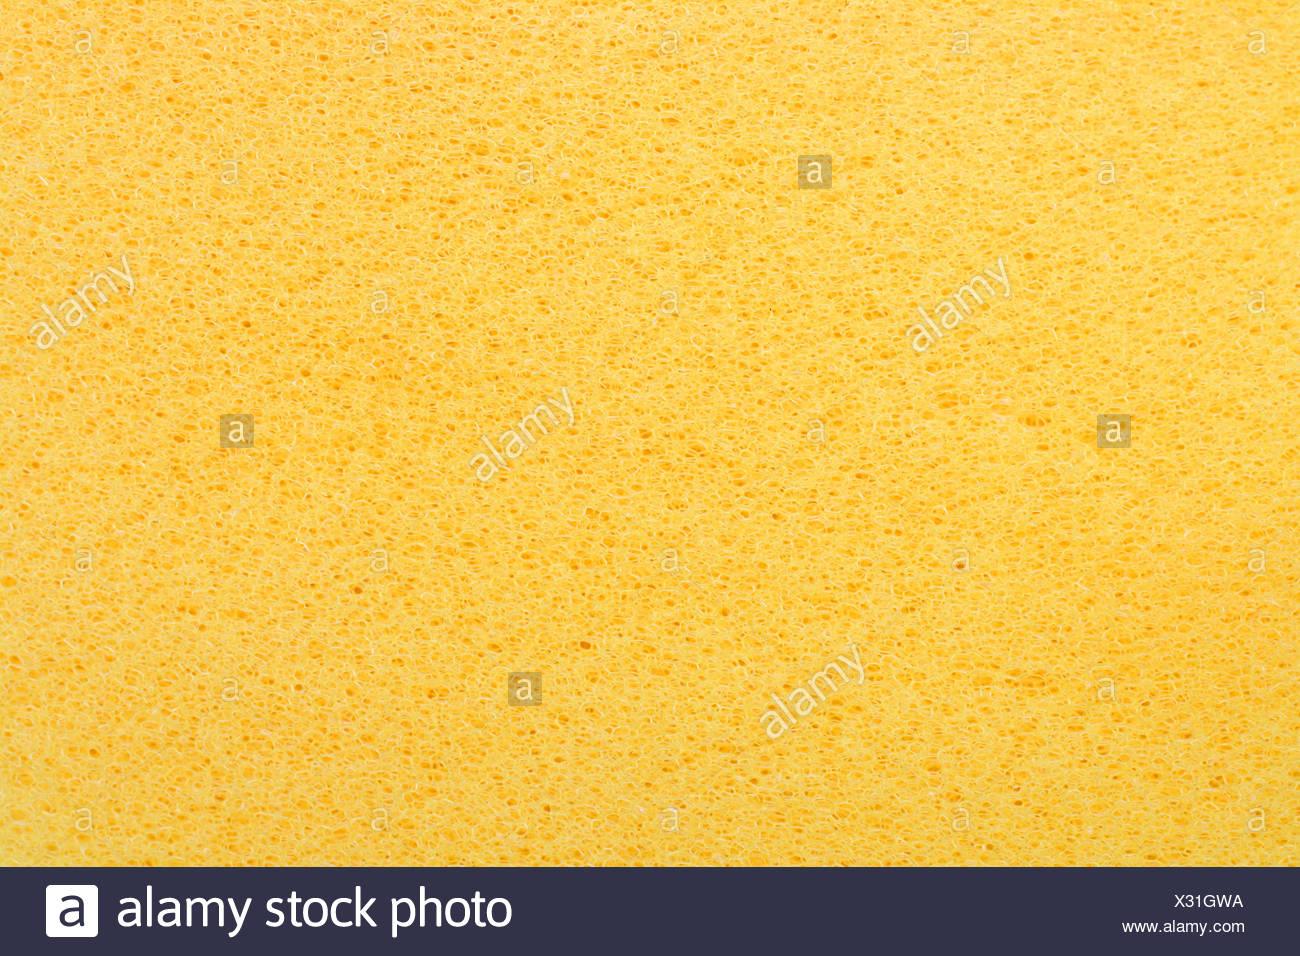 yellow porous bast whisp surface background - Stock Image